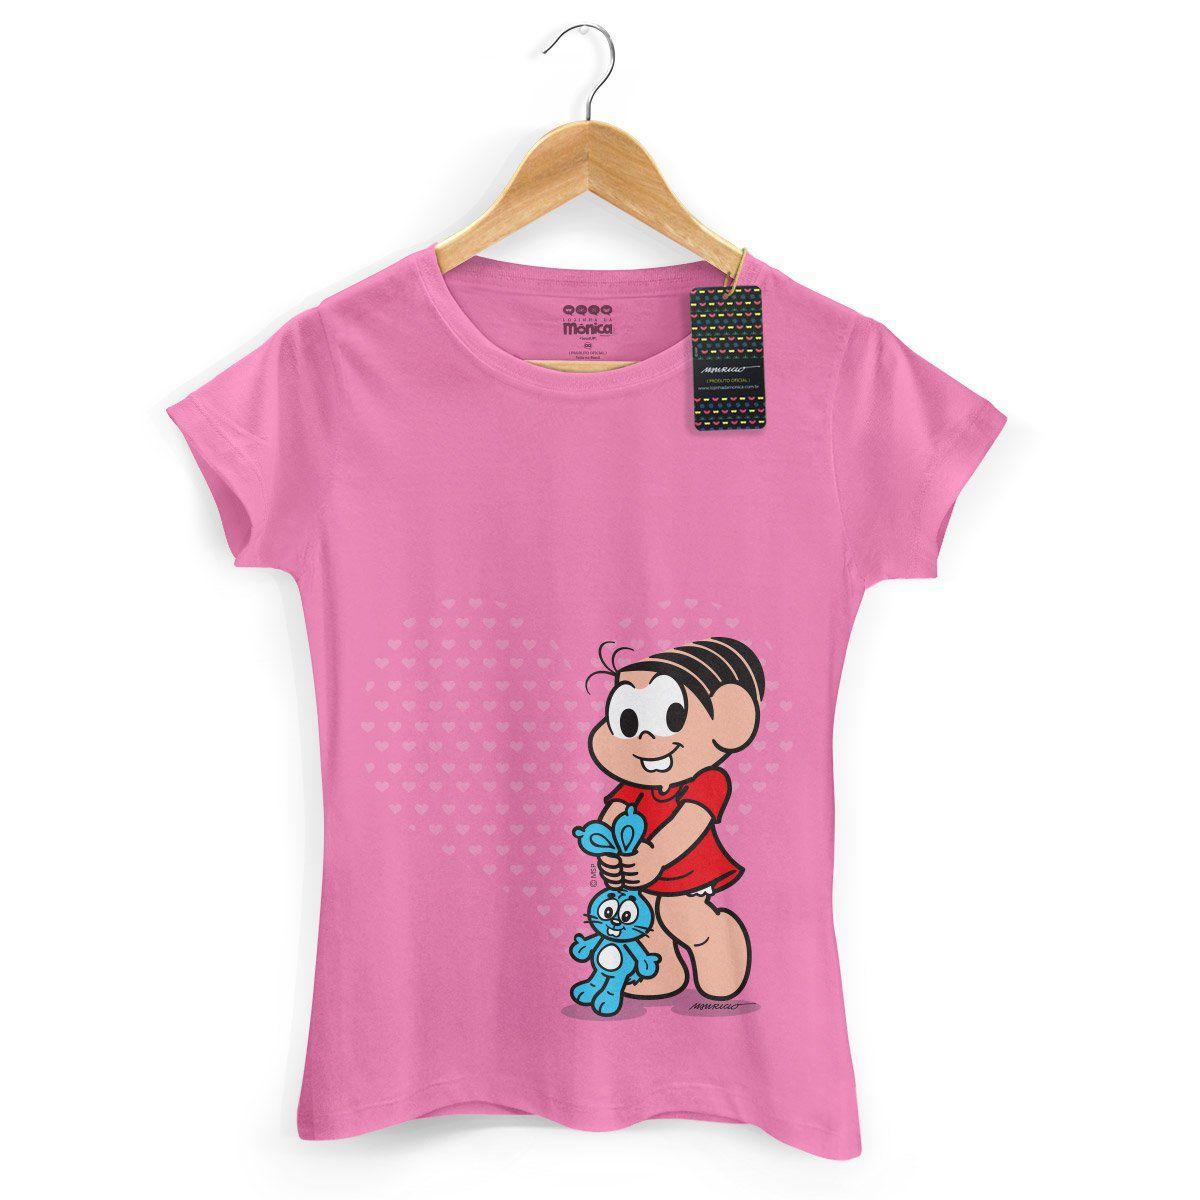 Camiseta Feminina Turma da Mônica Kids Mônica Heart